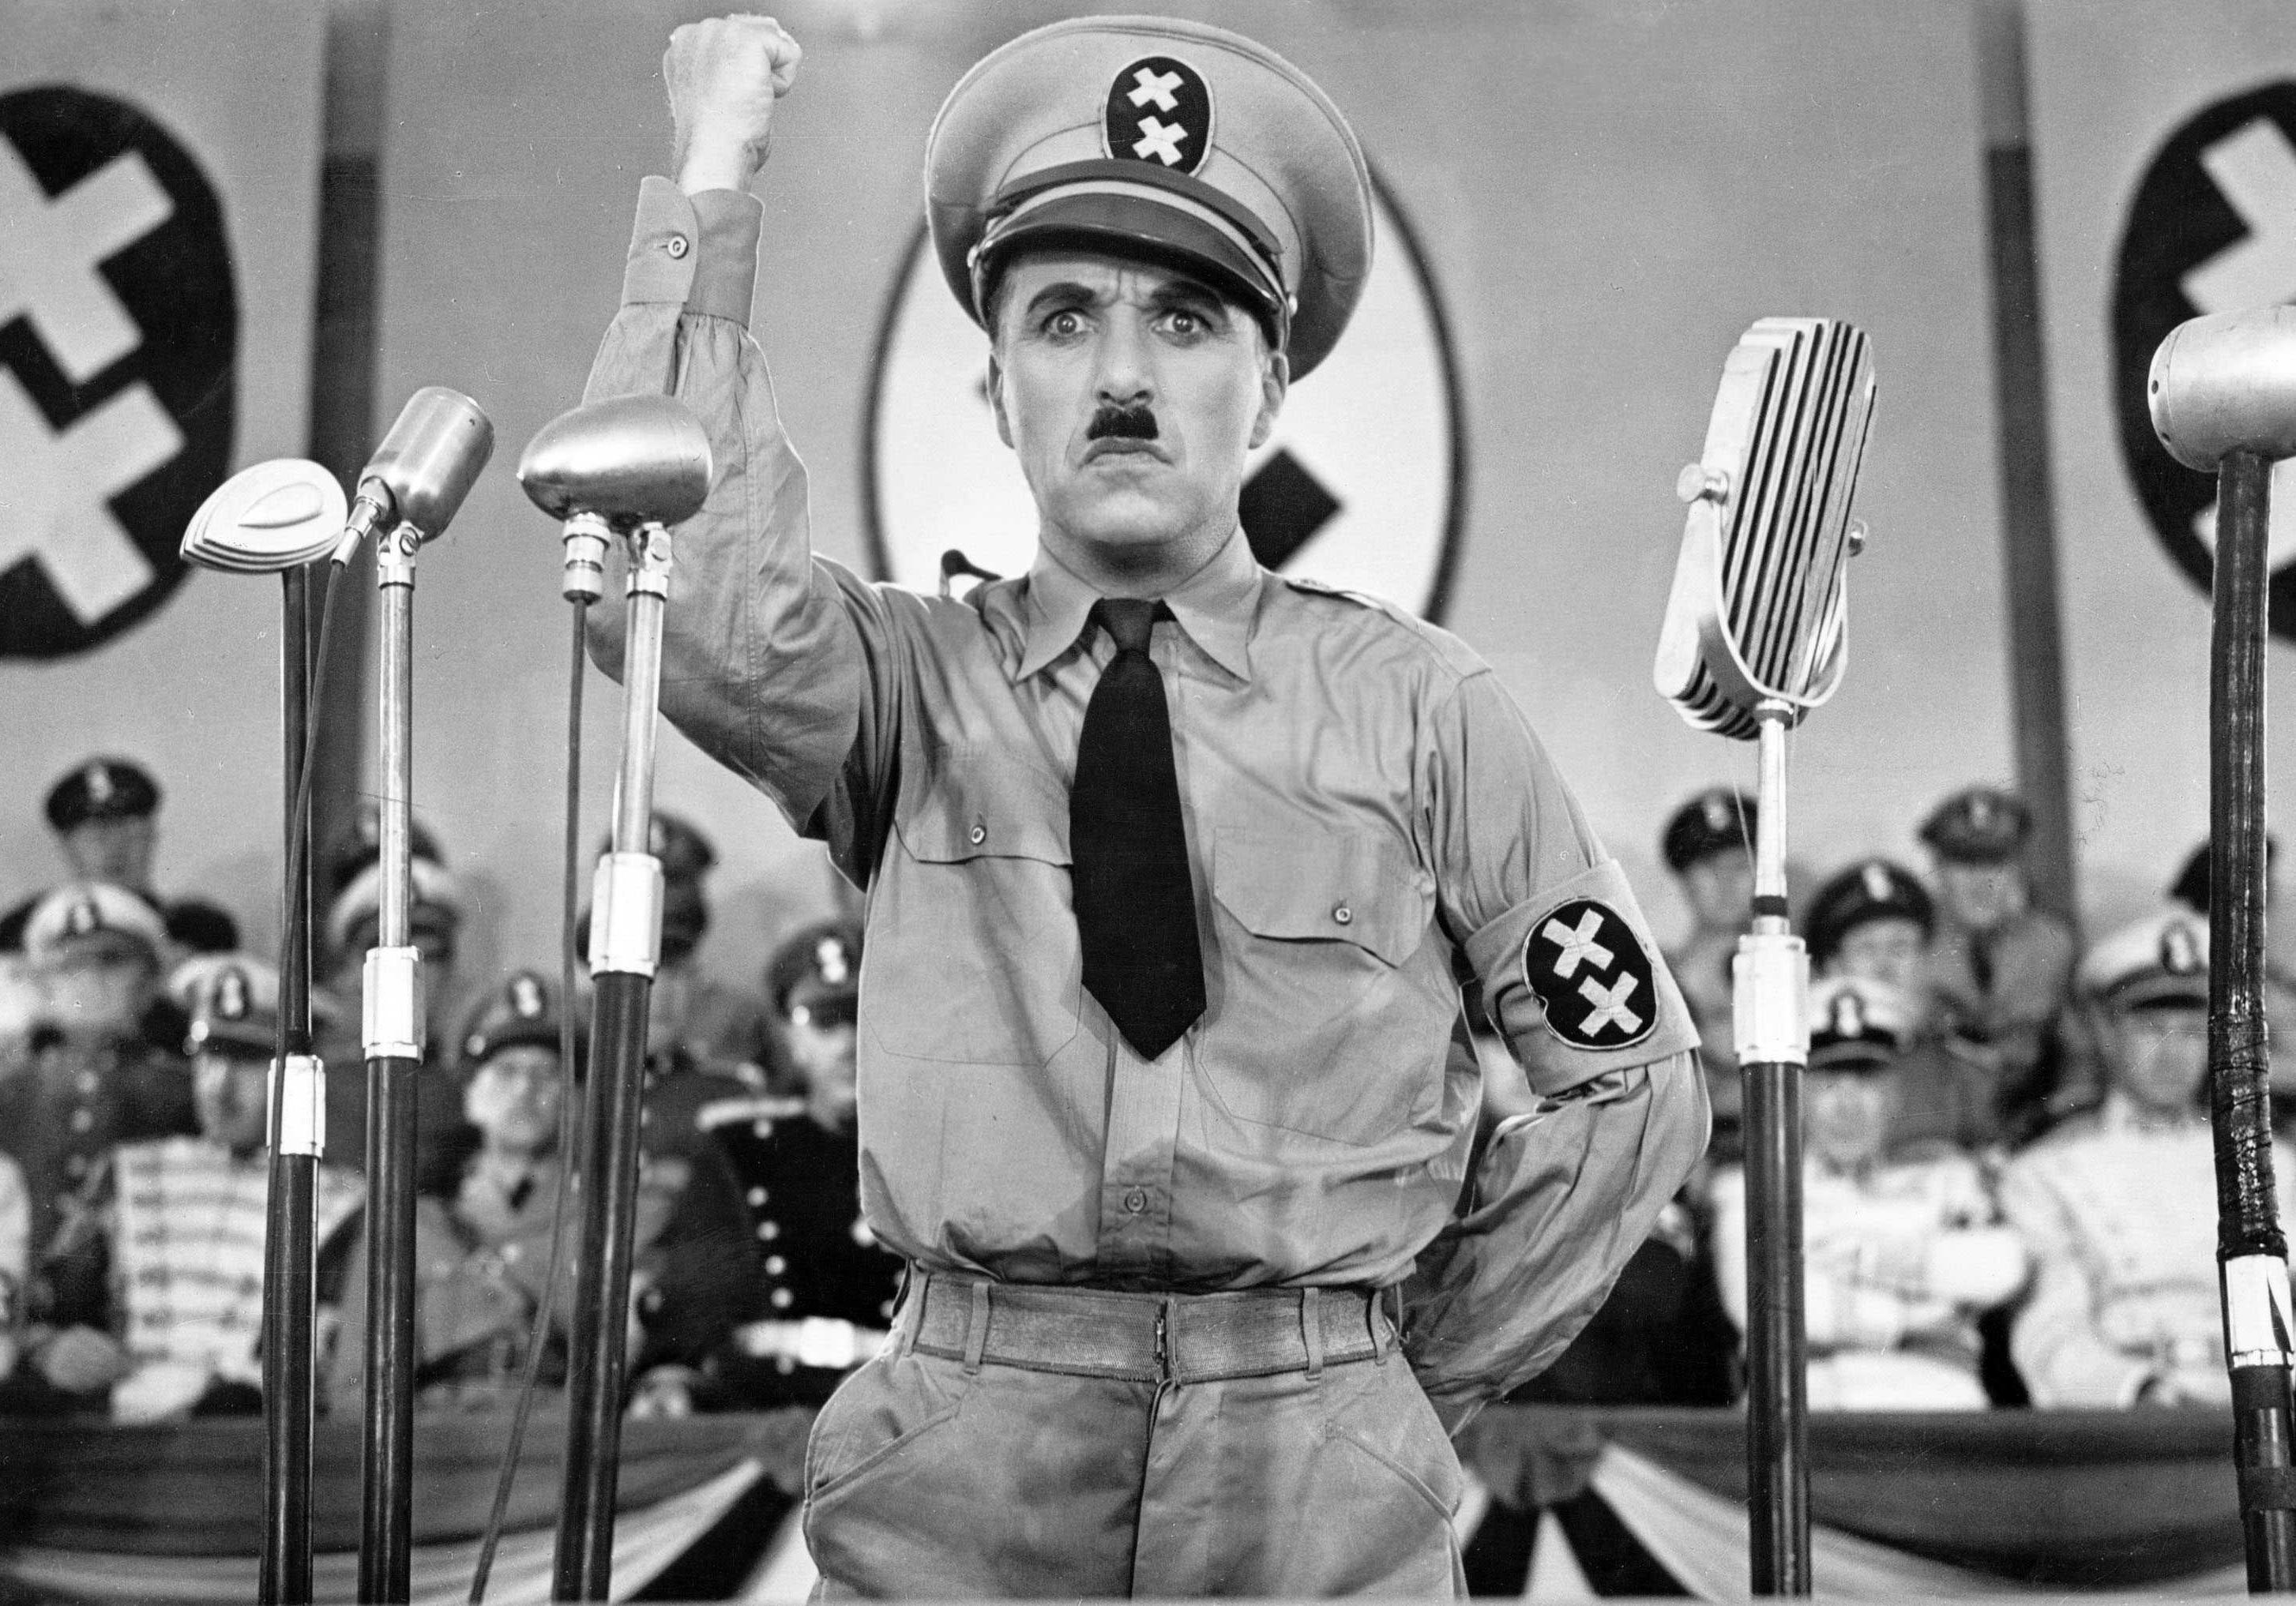 The dictator il dittatore - 3 2